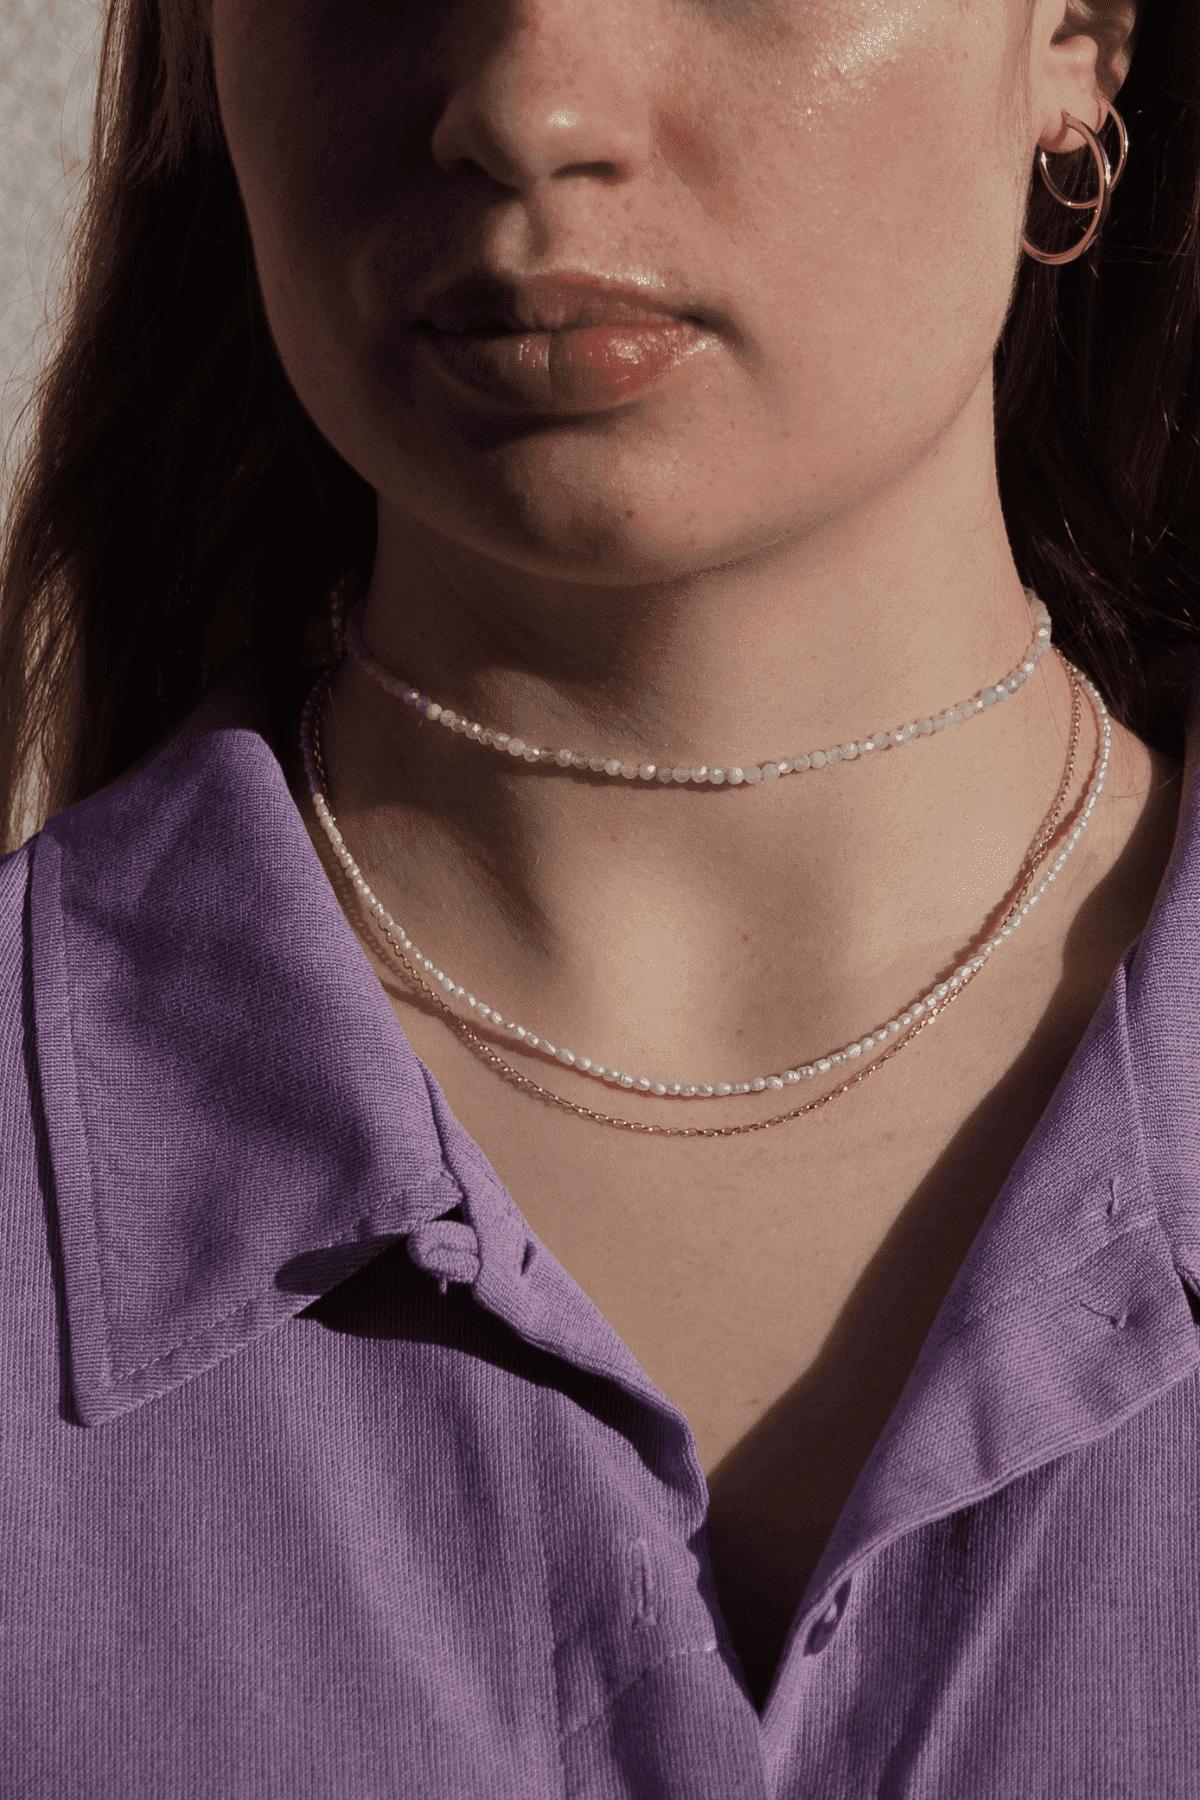 Modelka prezentuje naszyjnik z kamieniem i choker na szyję.